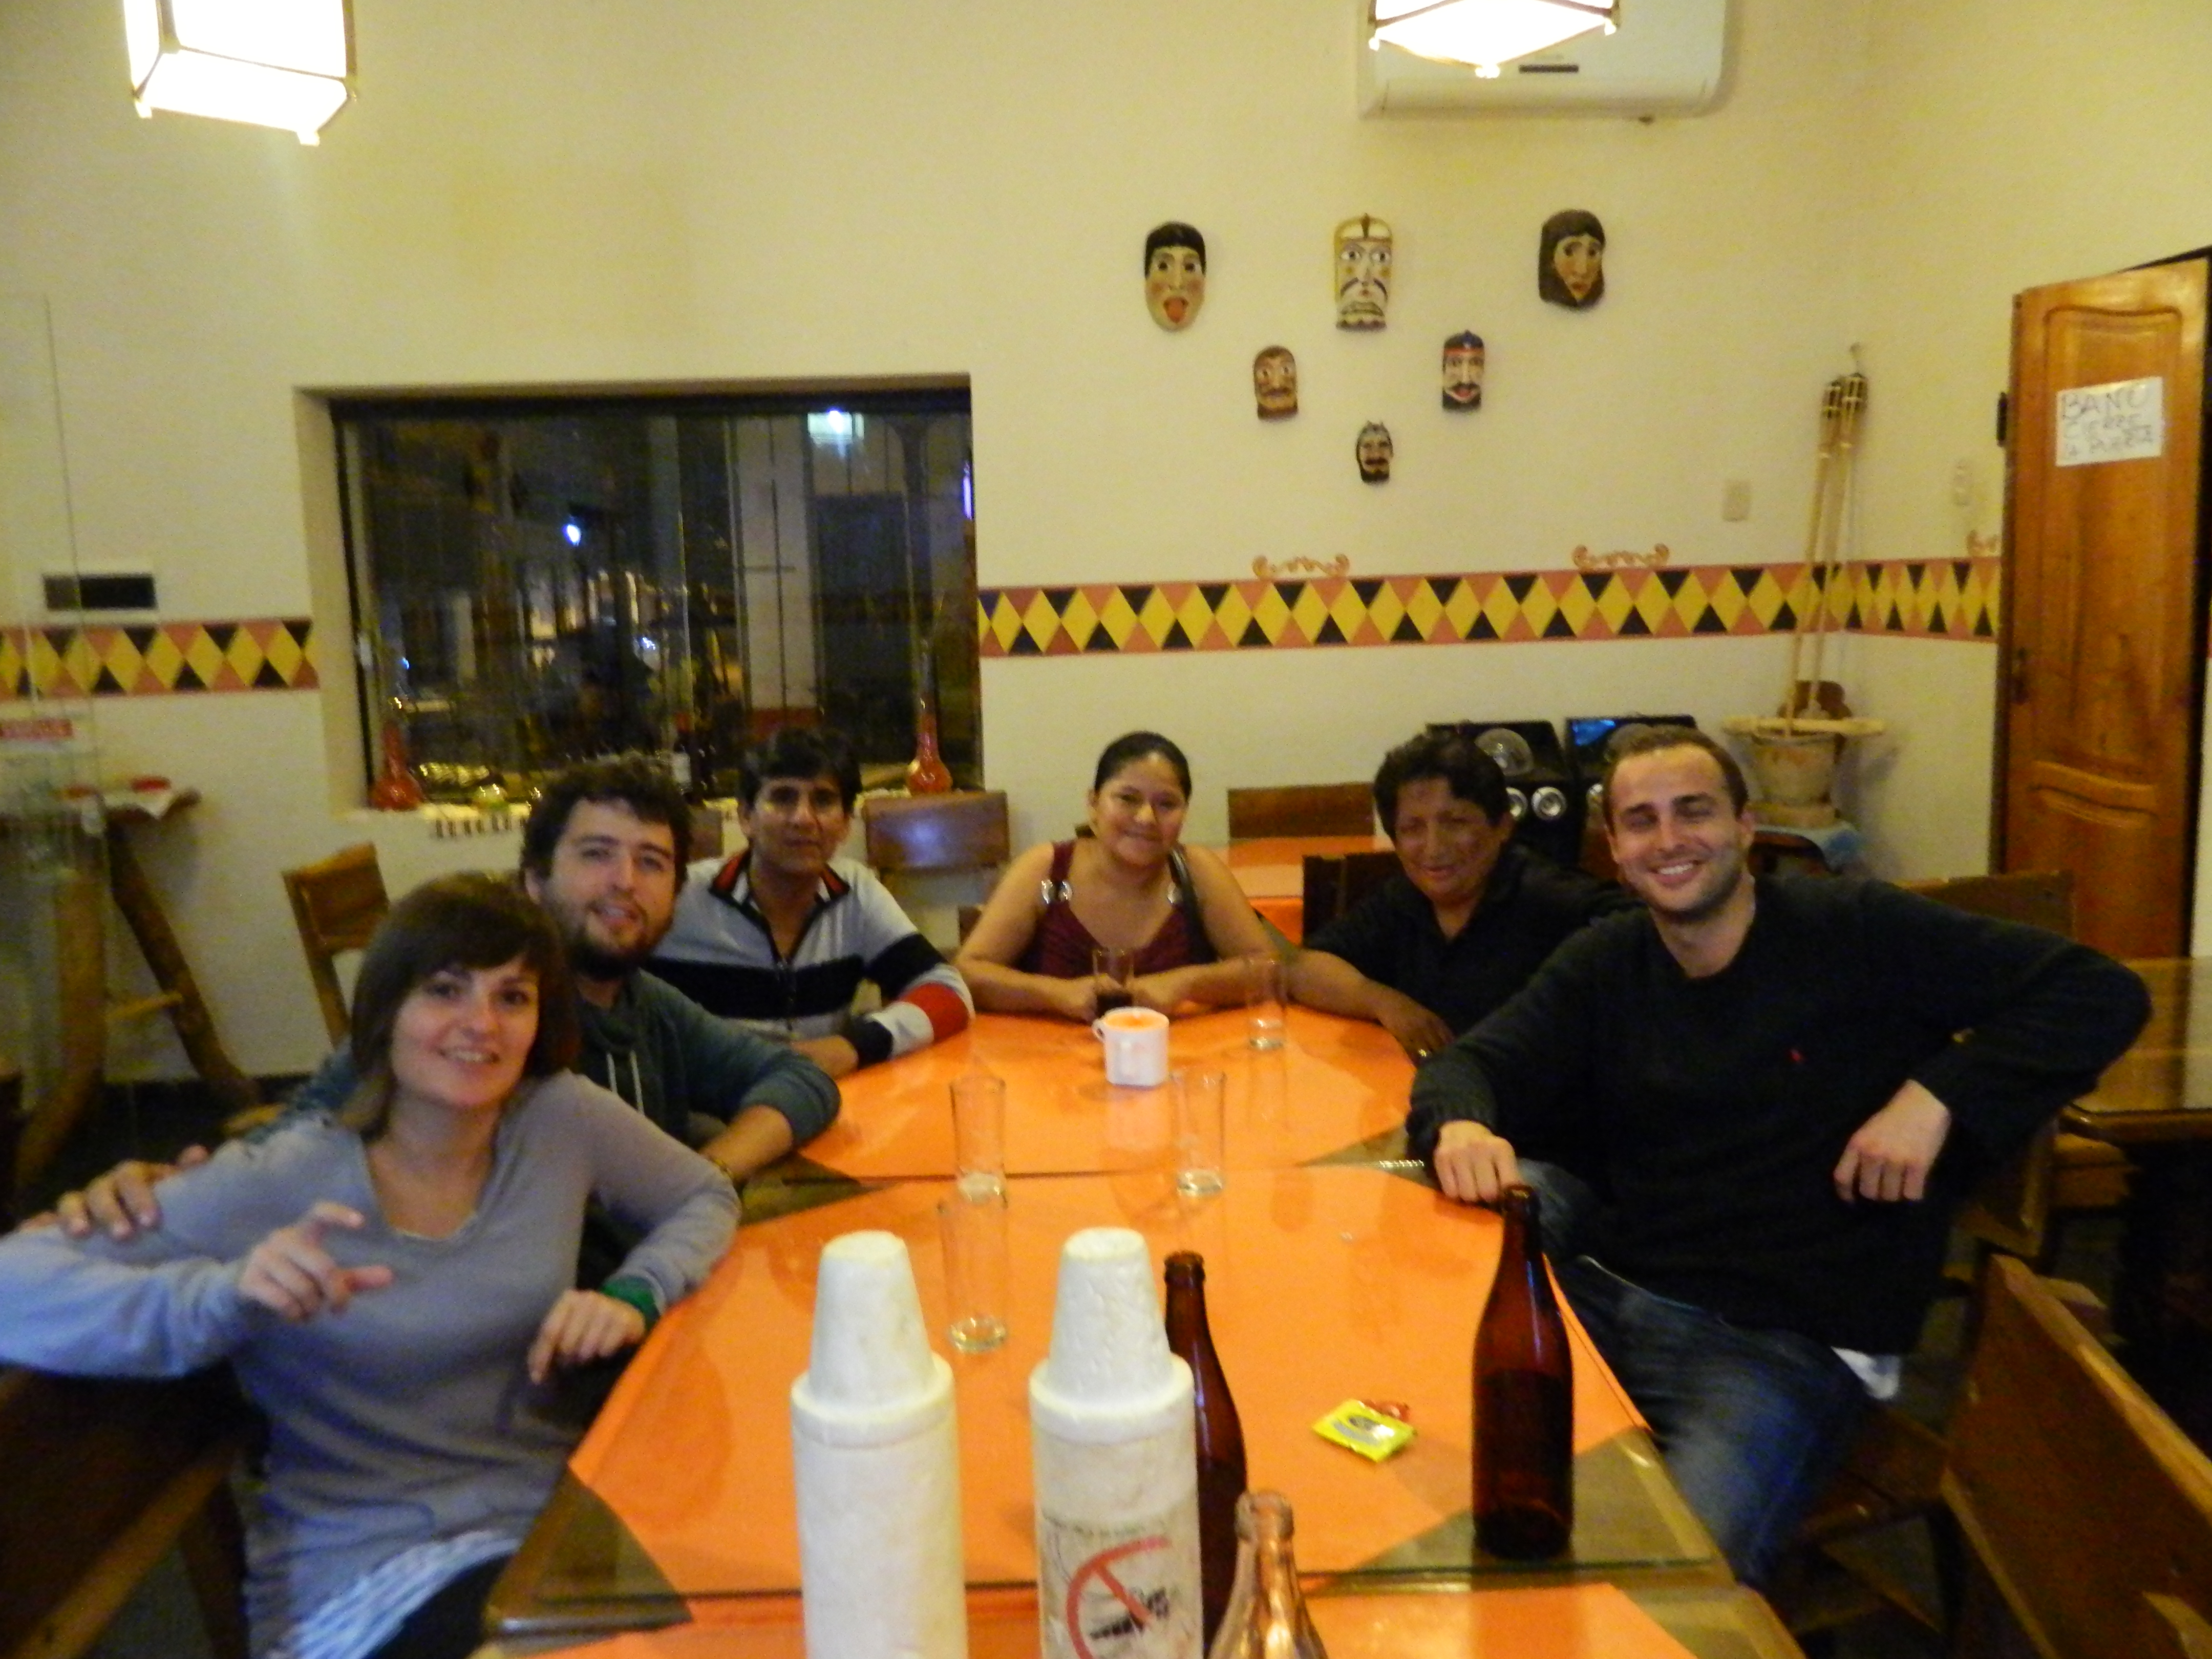 Momento de sobremesa tras la cena. De izquierda a derecha. Ana, Jesús, Ambrocio, Maria,